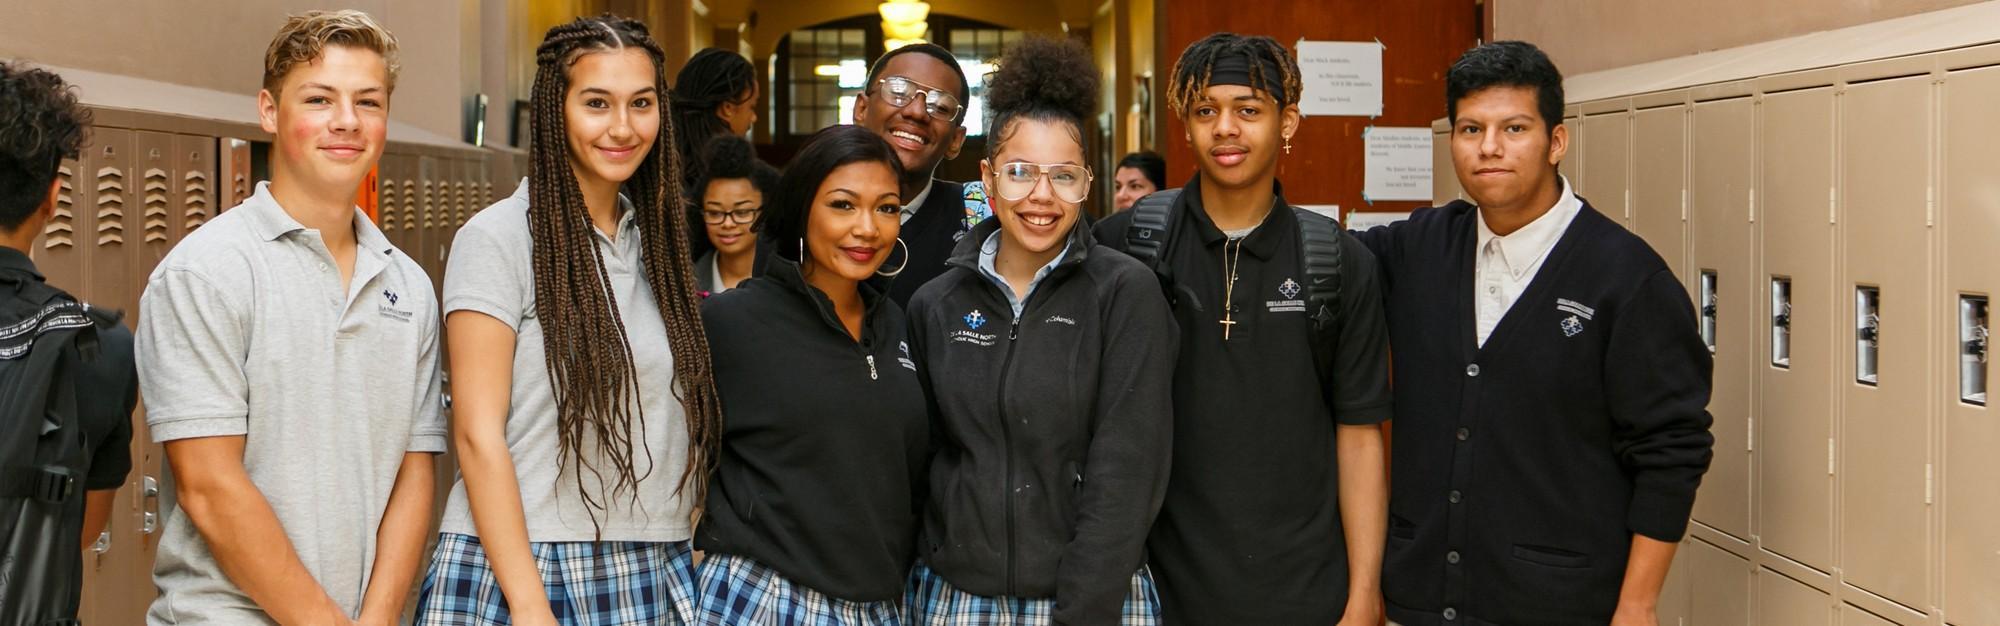 Photos De La Salle de la salle north catholic high school